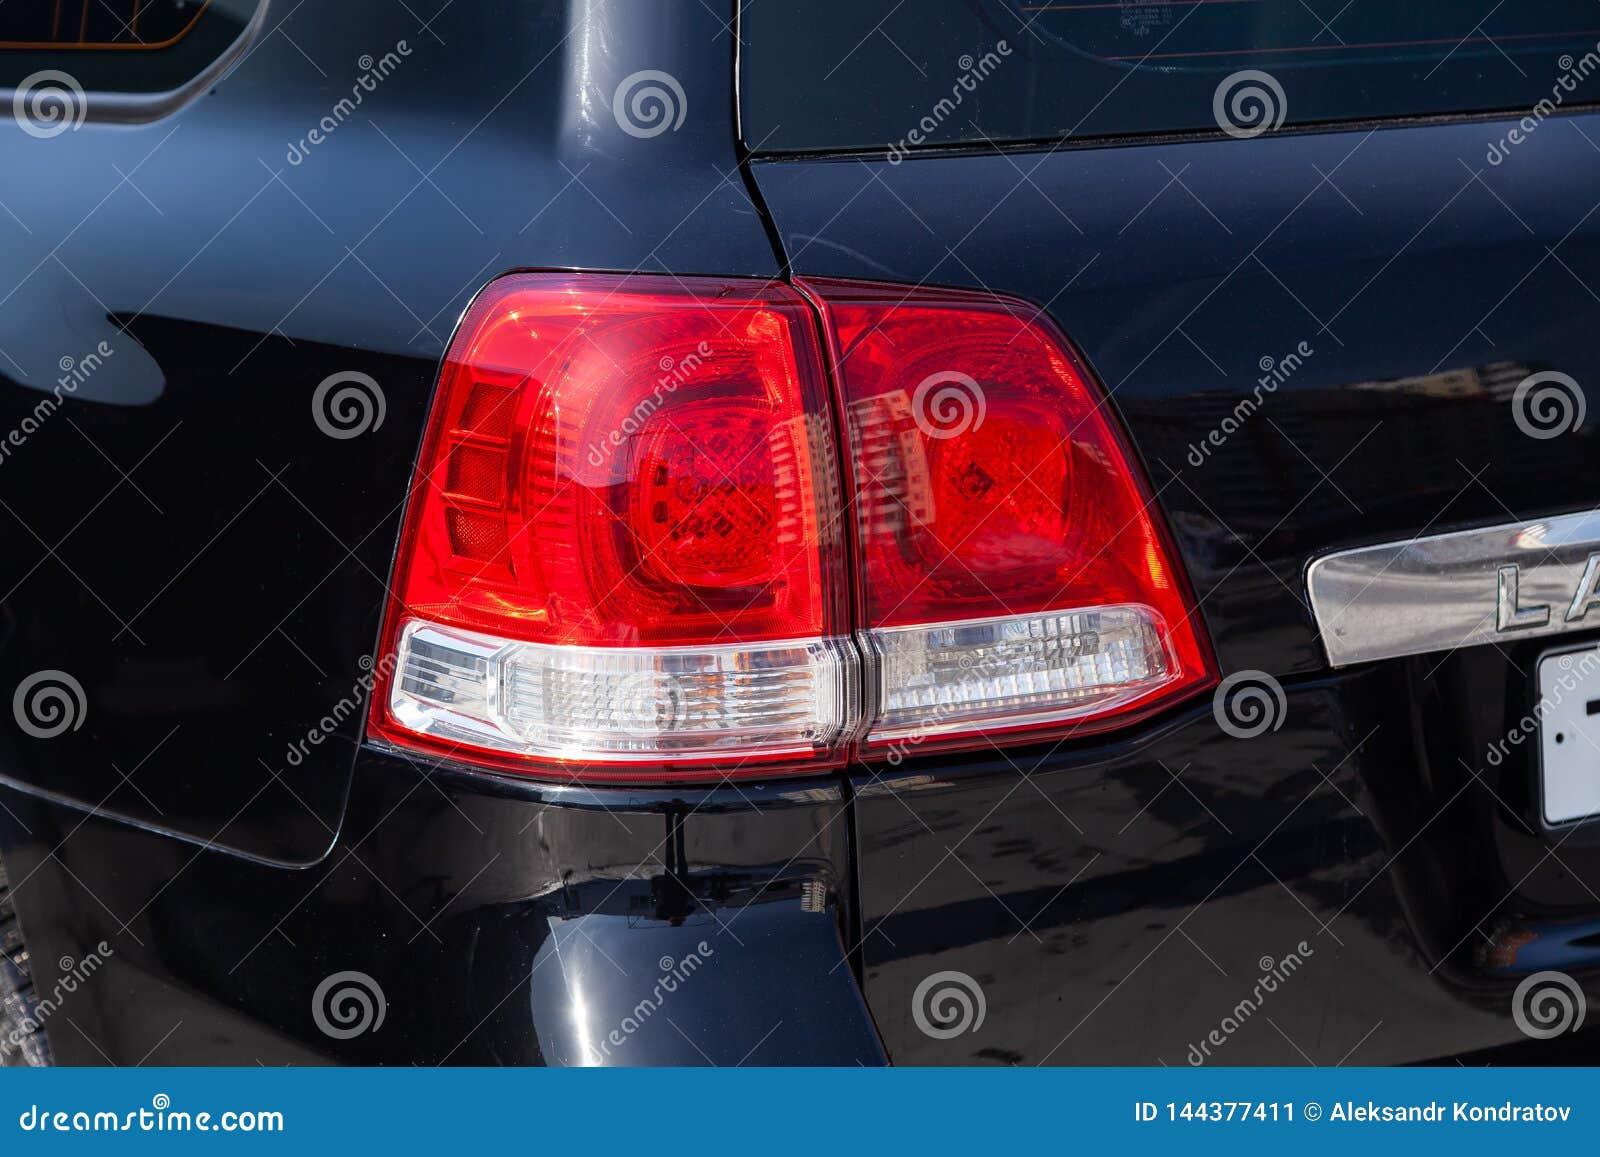 后方尾灯视图在黑色的丰田陆地巡洋舰200在清洗在销售前以后在停车处的一好日子